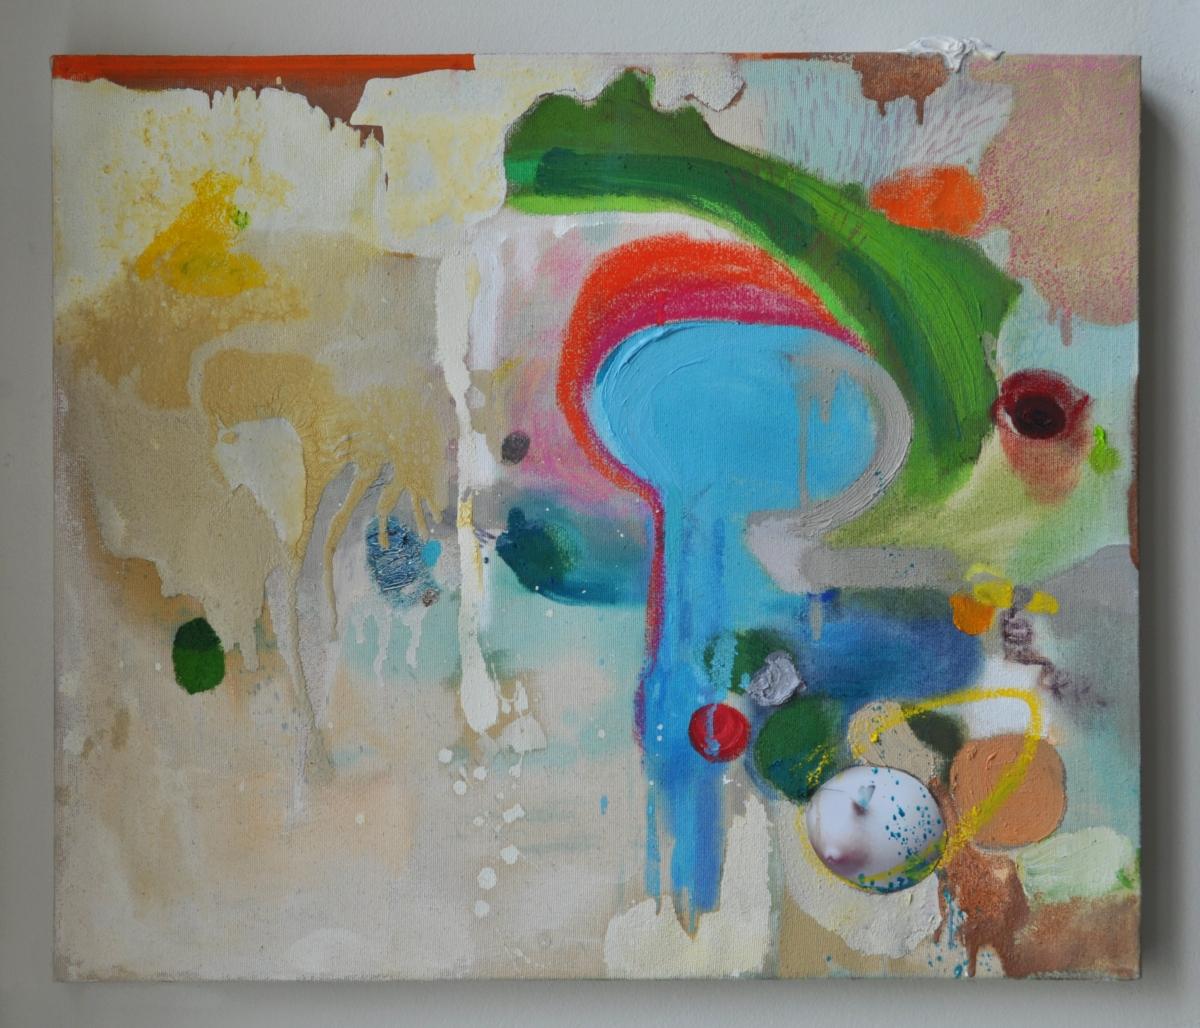 Meerbusen, Mischtechnik und Collage auf Leinwand, 52 x 62 cm, 2012